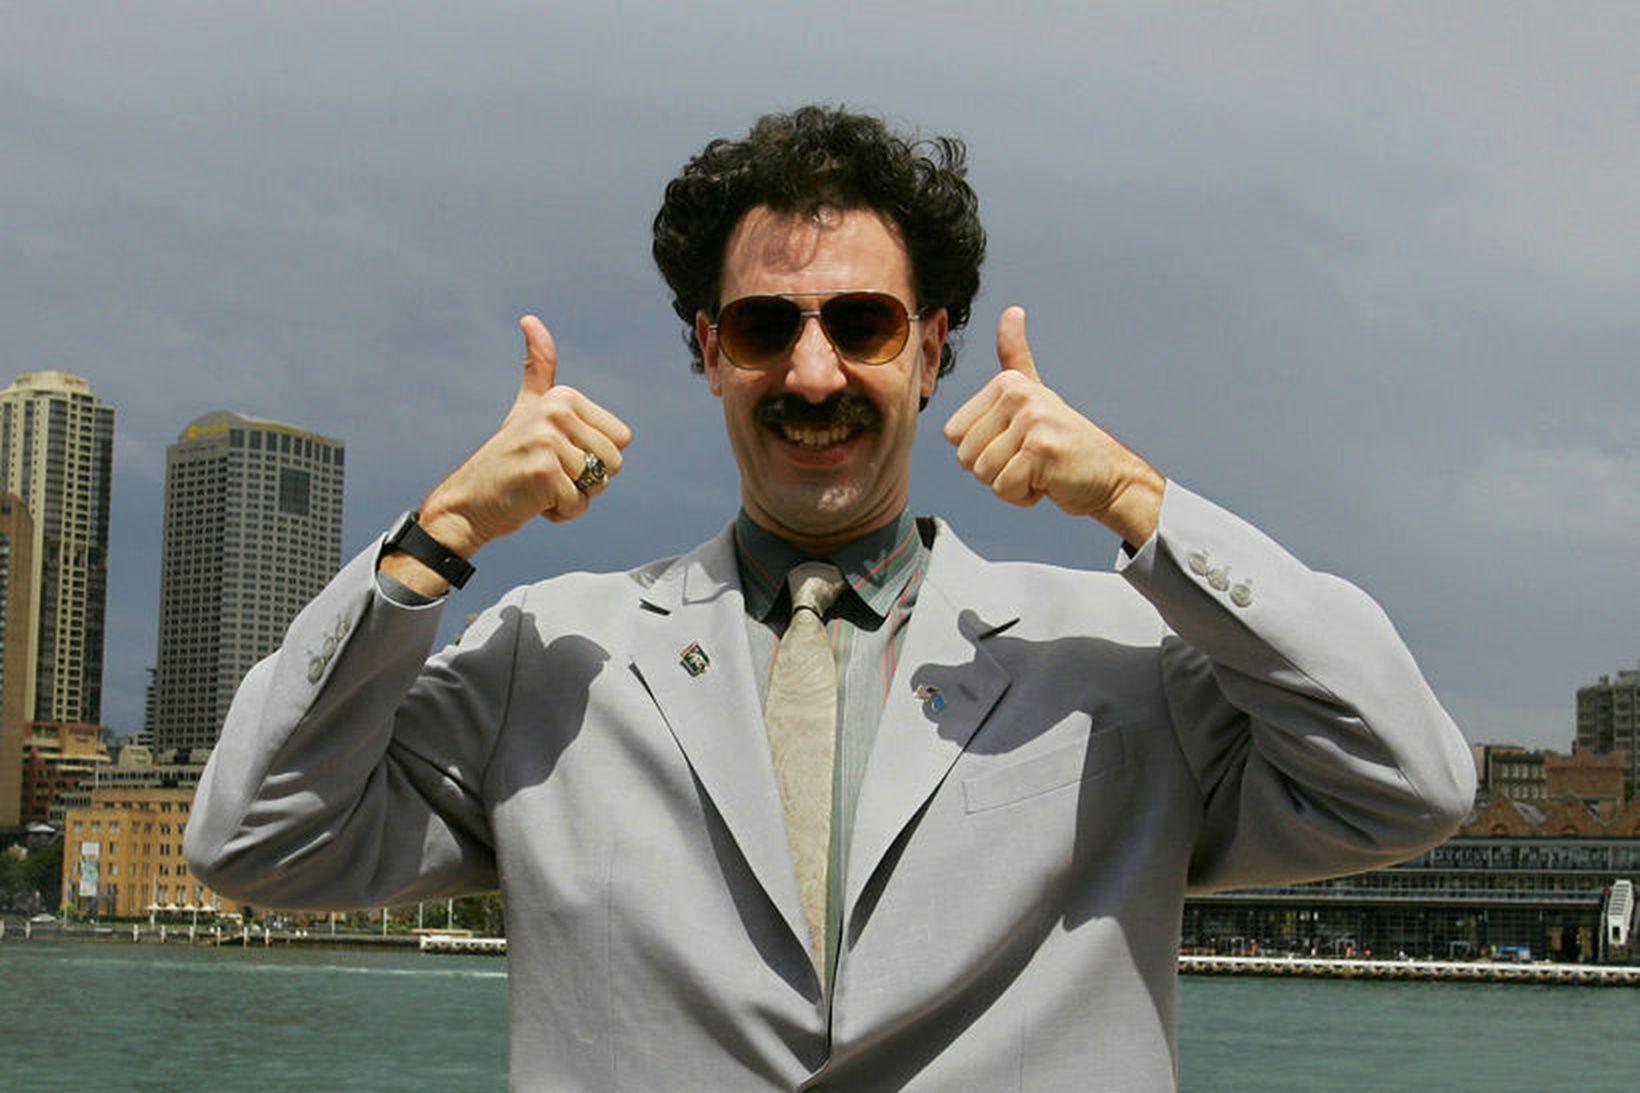 Kasakar hafa nú sæst við Borat og nýta hann í …